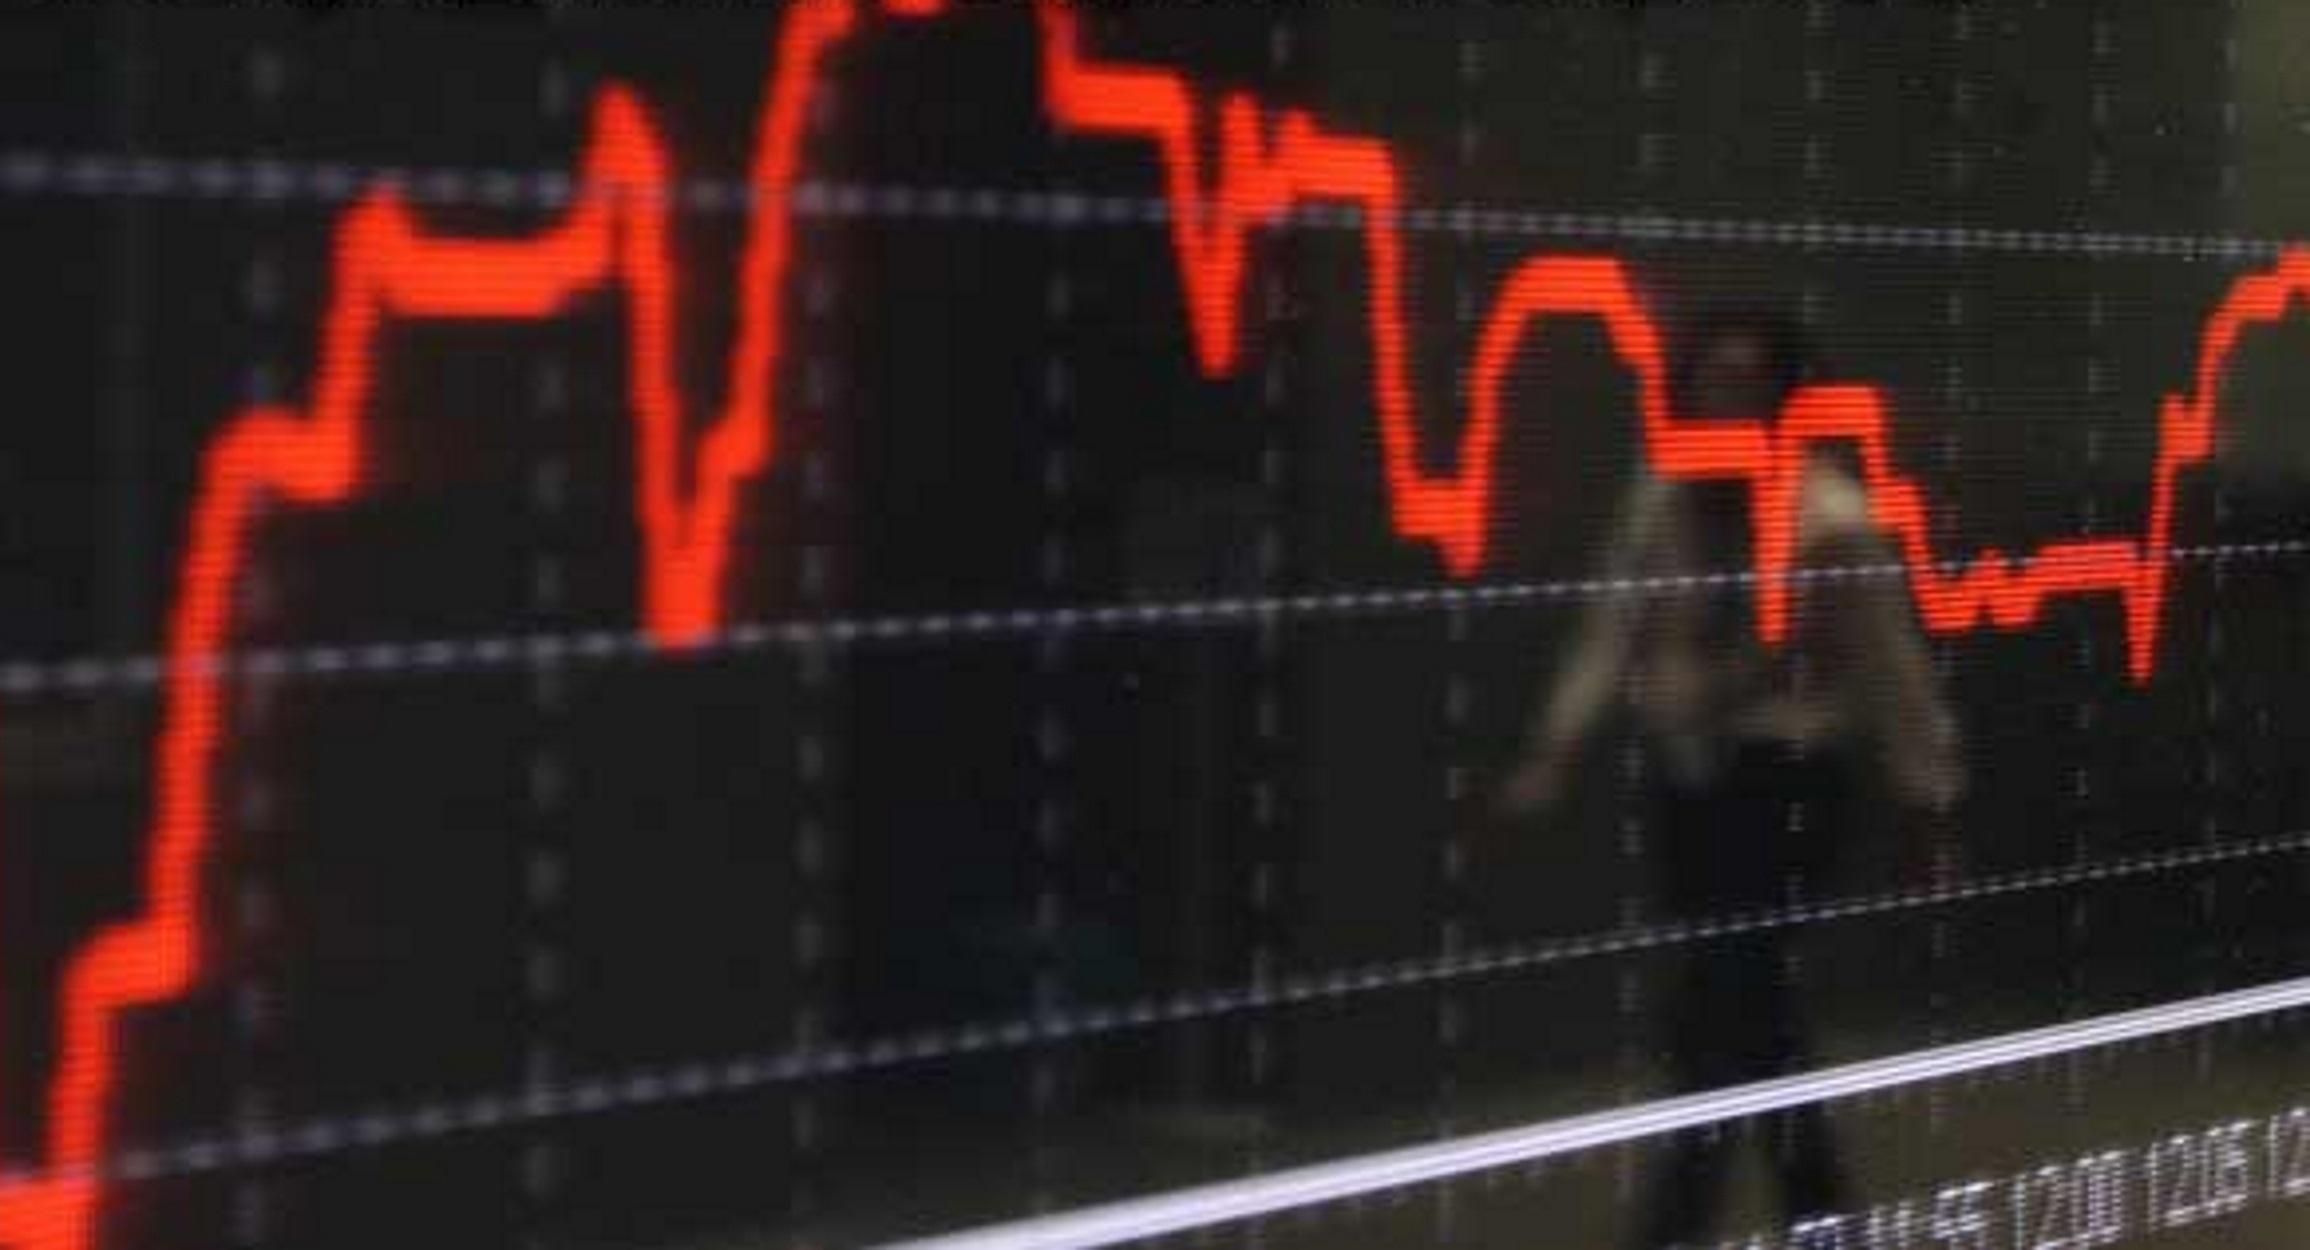 Χρηματιστήριο: Άνοδος 0,26%, λίγο κάτω από τις 900 μονάδες ο δείκτης